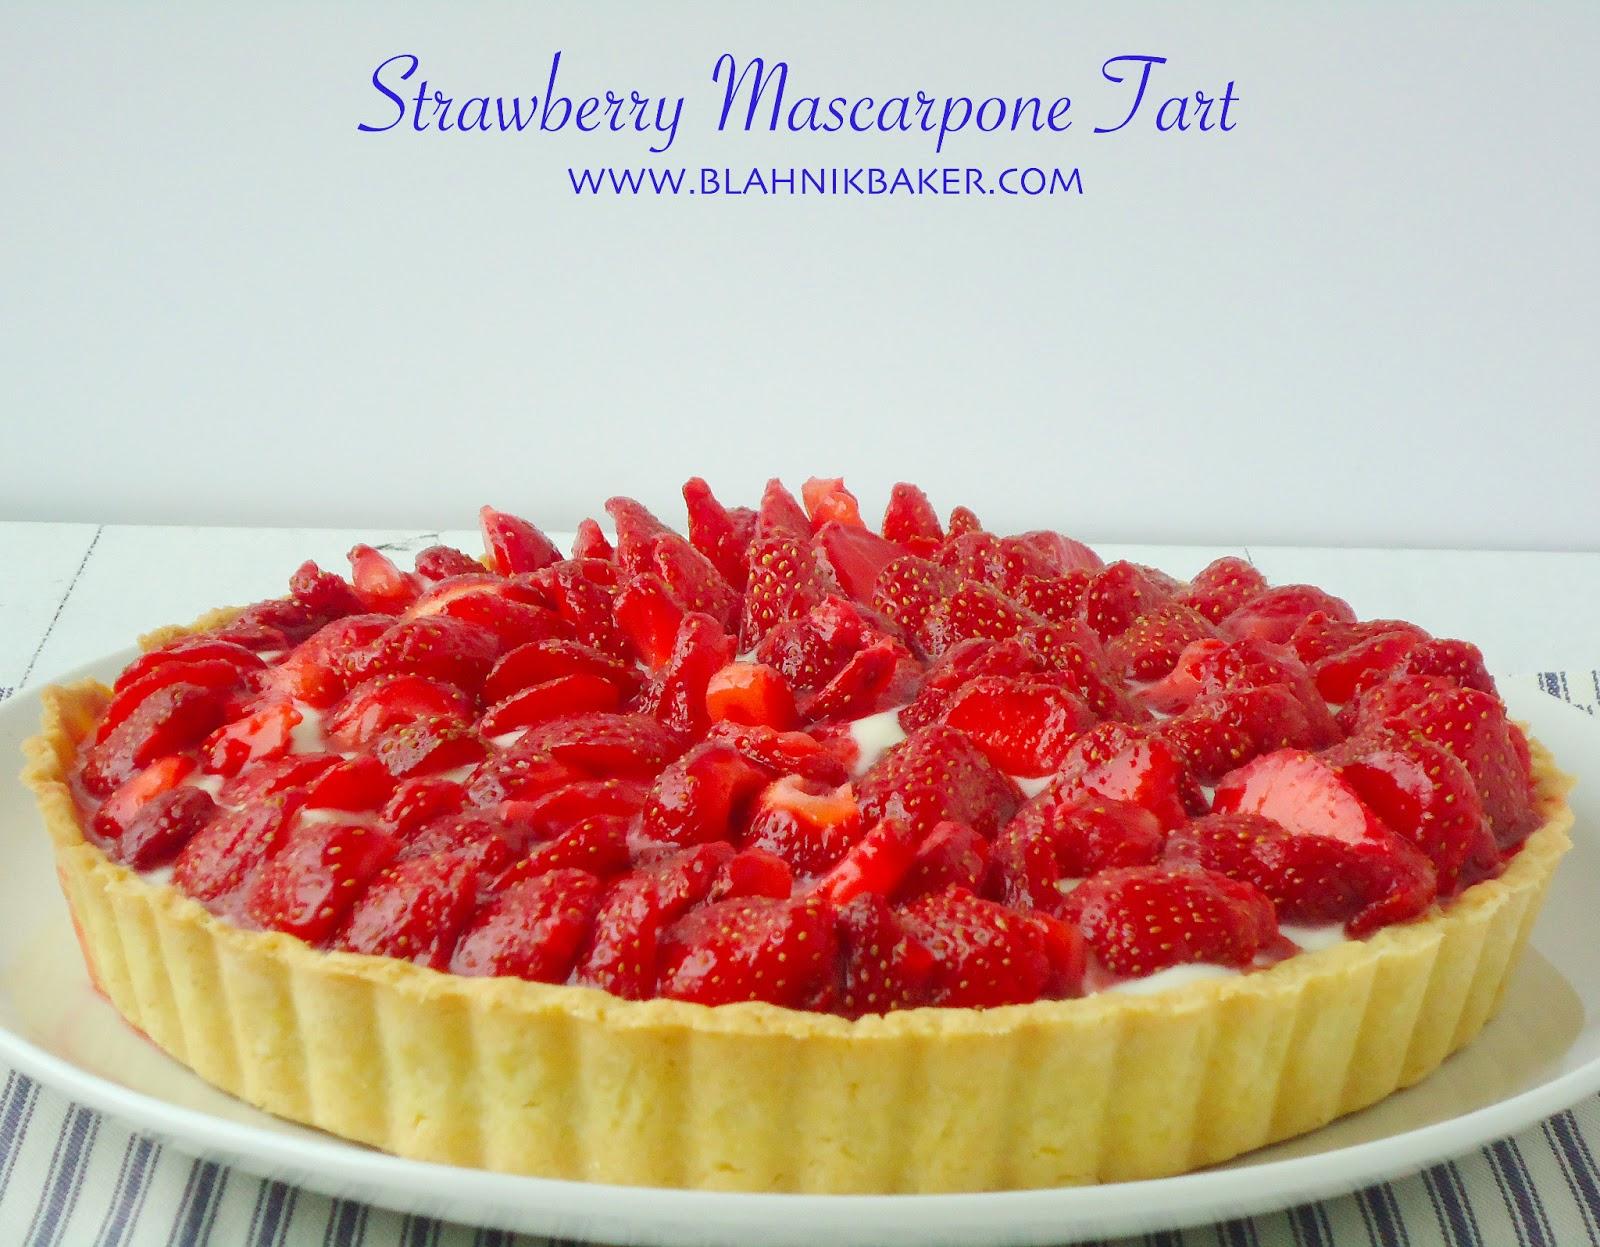 tart drunken pumpkin bourbon tart with mascarpone cream strawberry ...